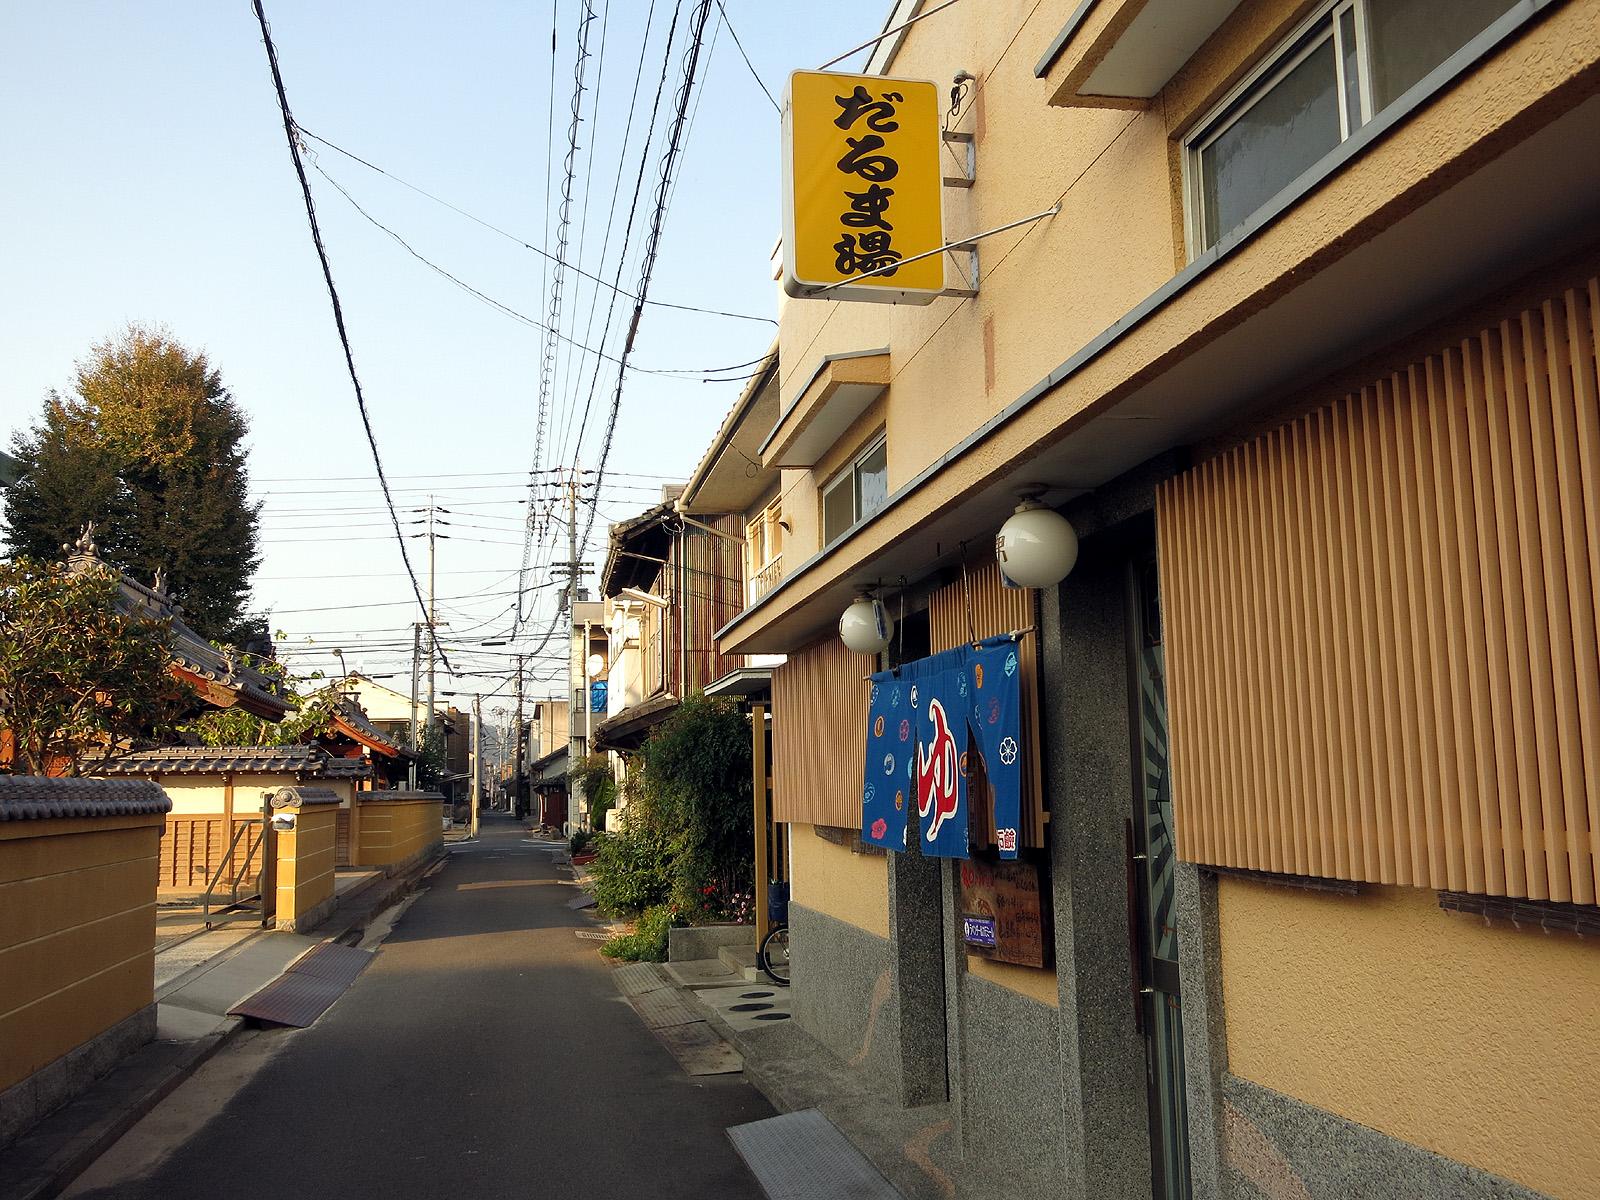 20131101_3 だるま湯 愛媛県松山市神田町5-10(2013_1101_160854)